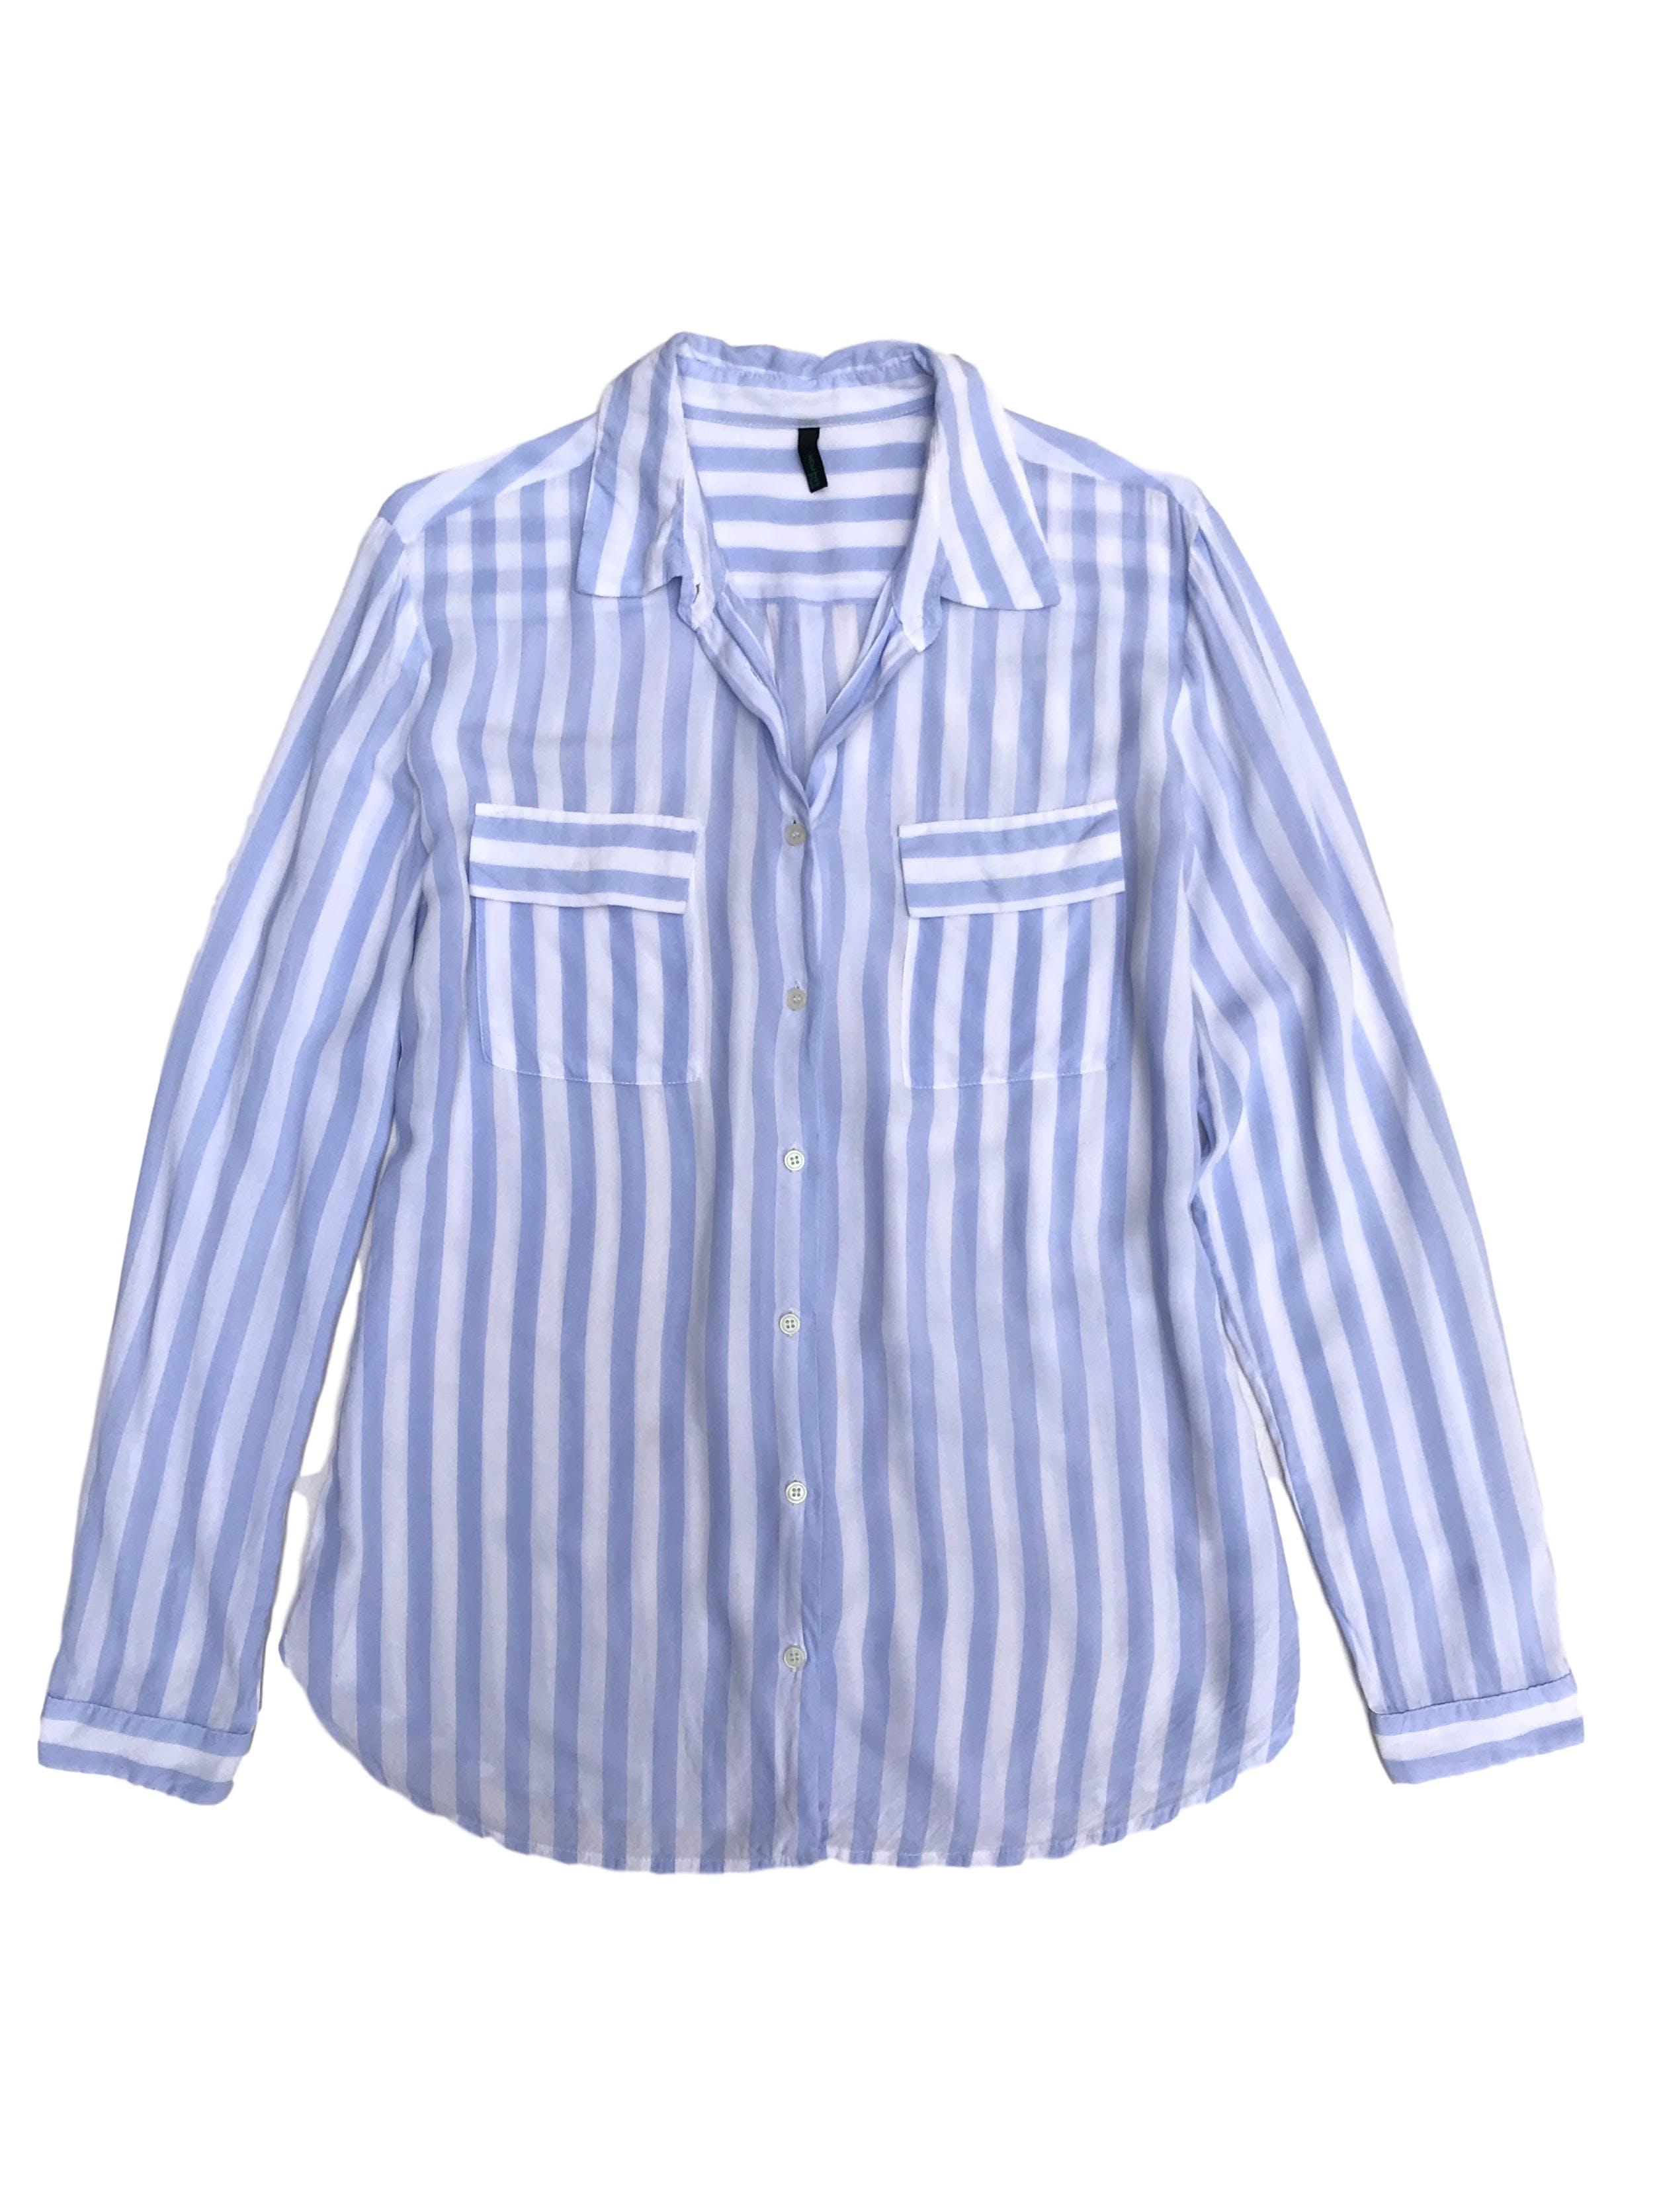 Blusa Benetton de tela tipo algodón fresca, a rayas celestes y blancas, bolsillos delanteros. Hombros 40cm Busto 98cm